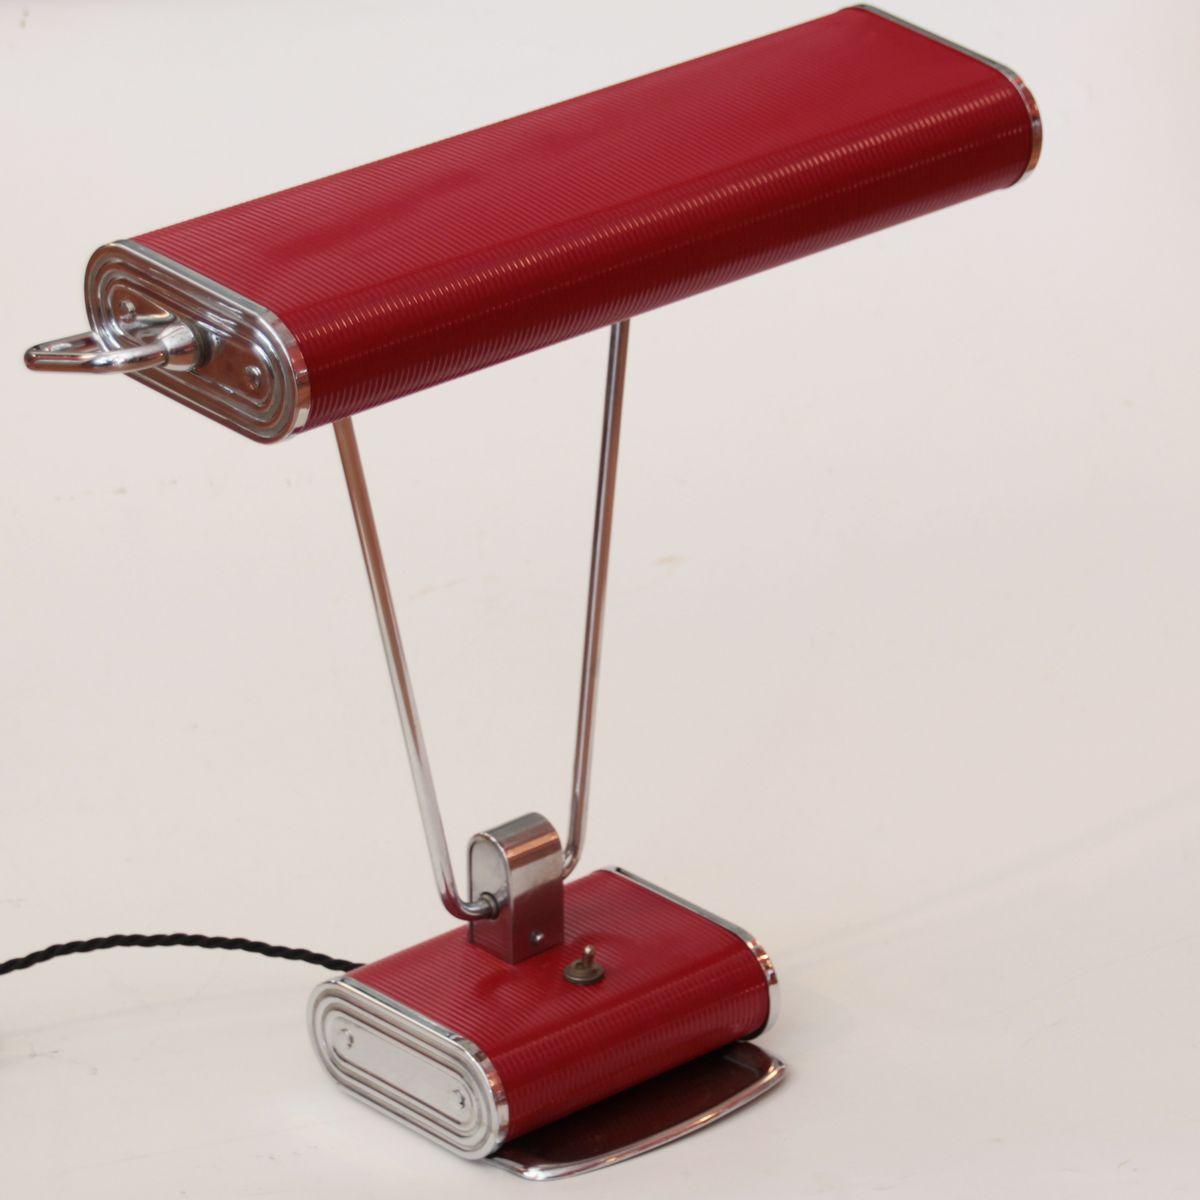 lampe de bureau art d co rouge chrom e par eileen gray pour jumo france en vente sur pamono. Black Bedroom Furniture Sets. Home Design Ideas